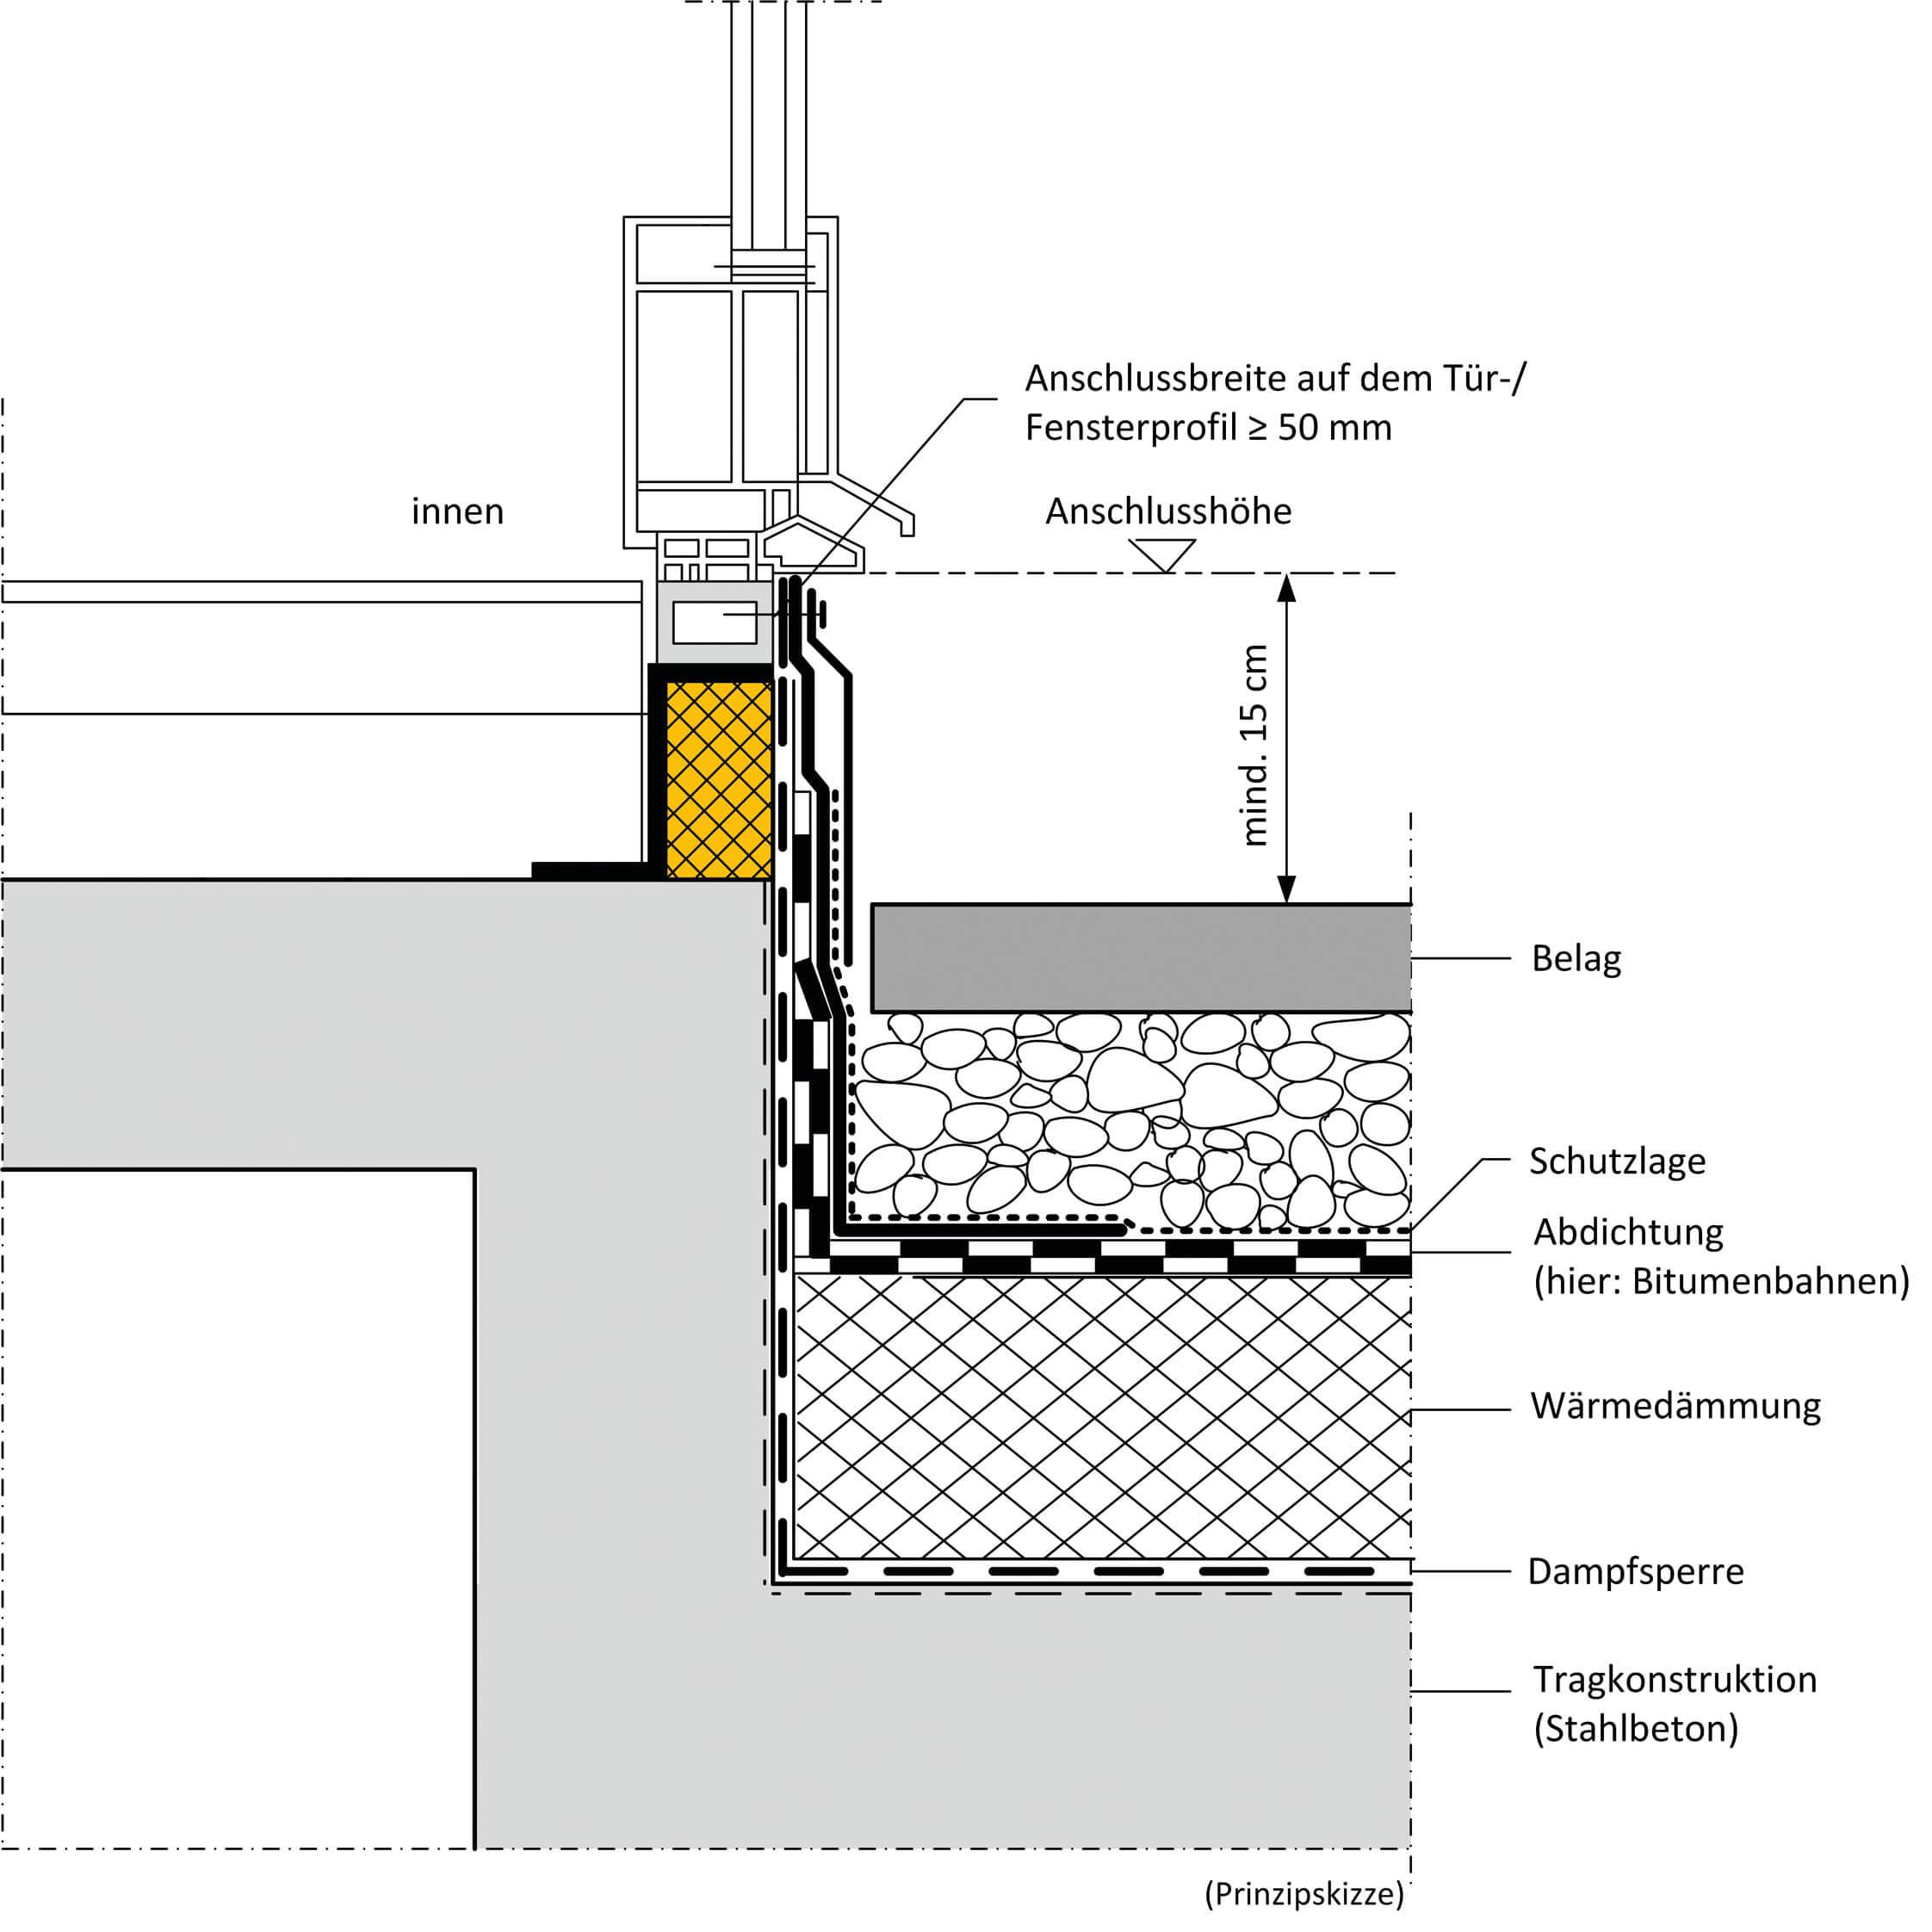 Flachdachrichtlinie-Anschlusshoehe-15-cm-Skizze-Forum-Verlag-Herkert-GmbH